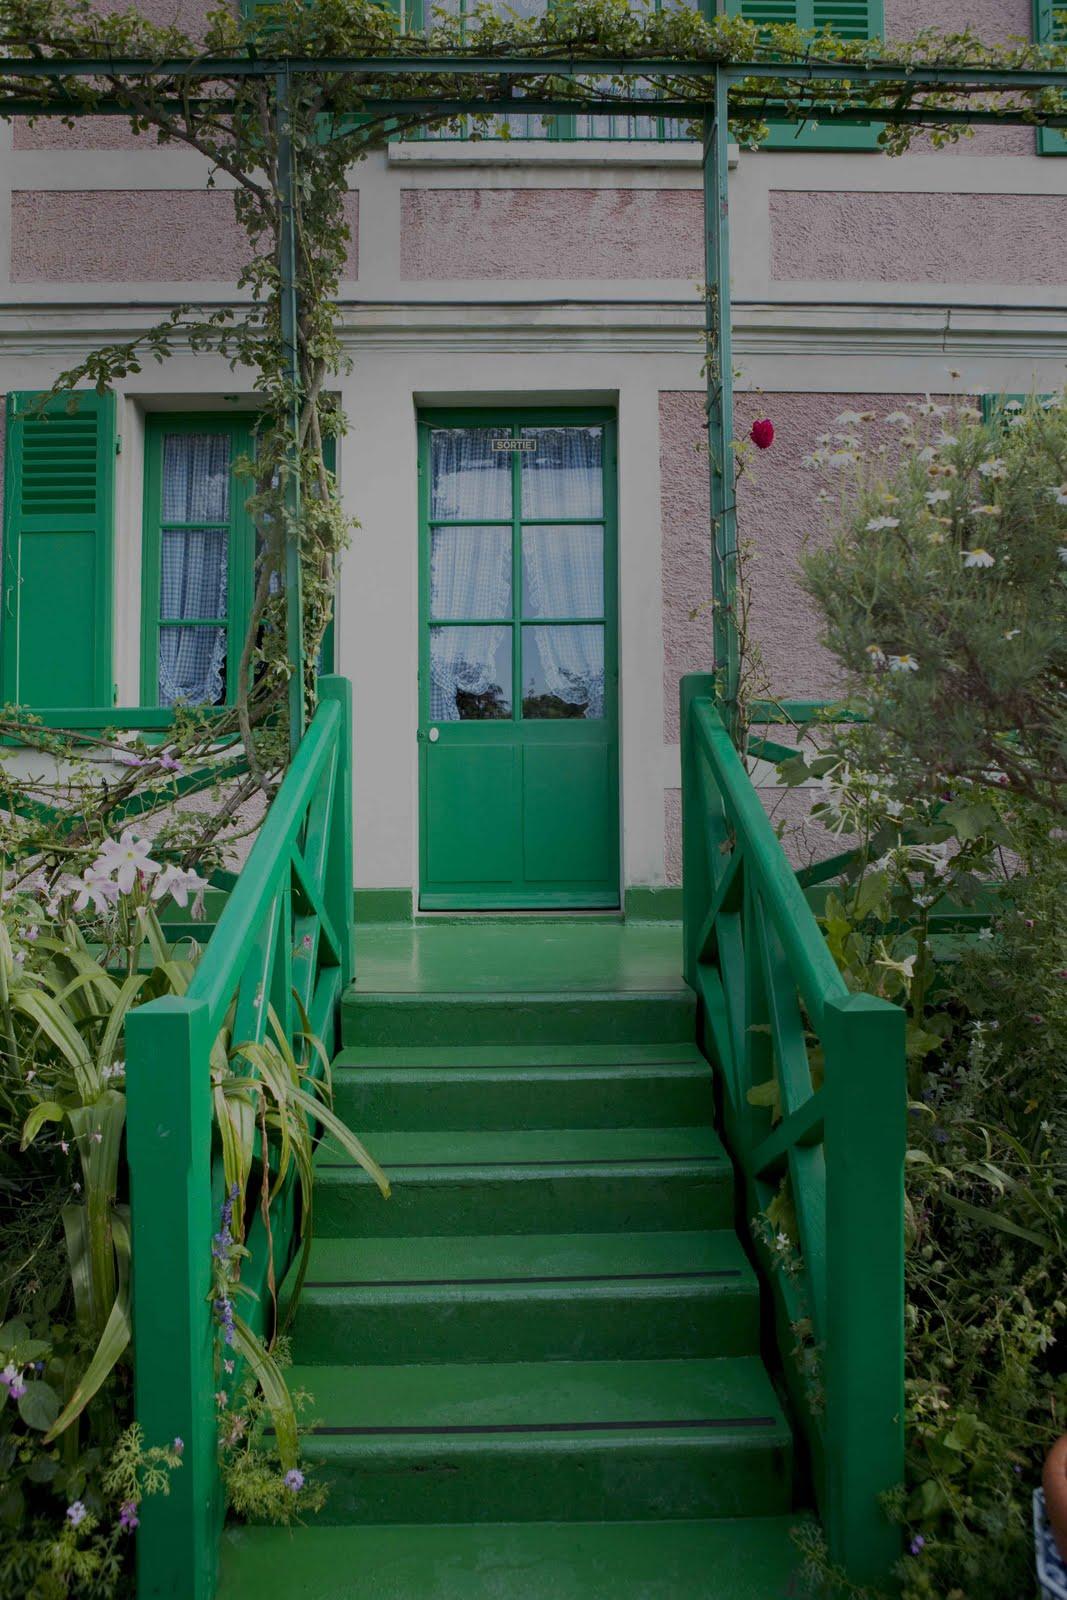 HÄr & nu trädgård och hus: september 2009